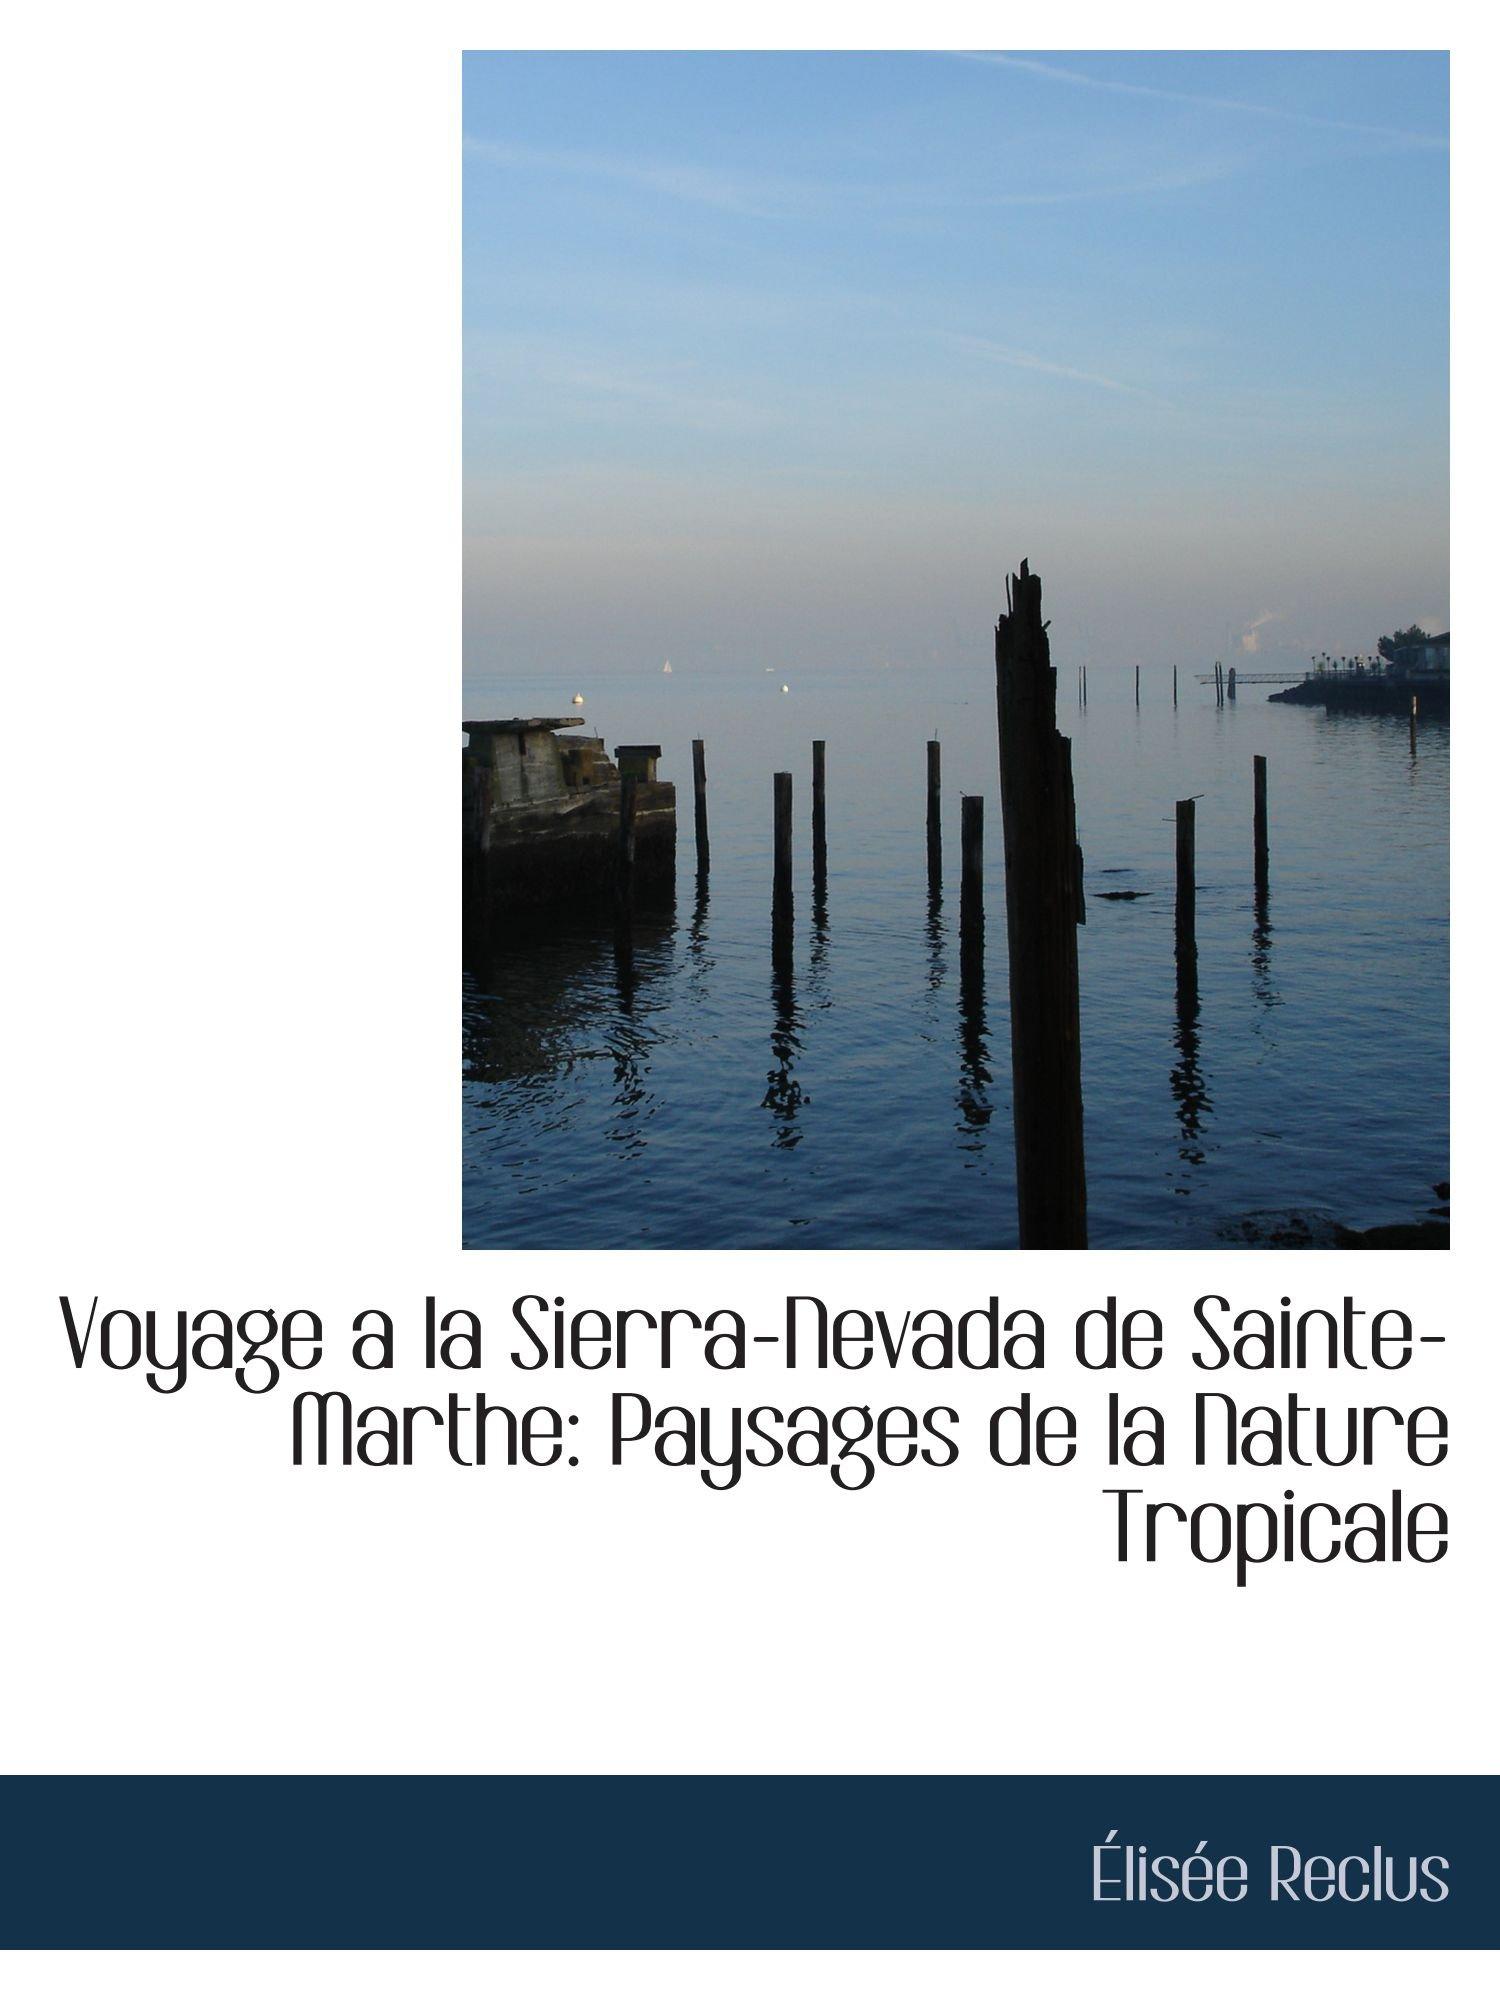 Voyage a la Sierra-Nevada de Sainte-Marthe: Paysages de la Nature Tropicale PDF